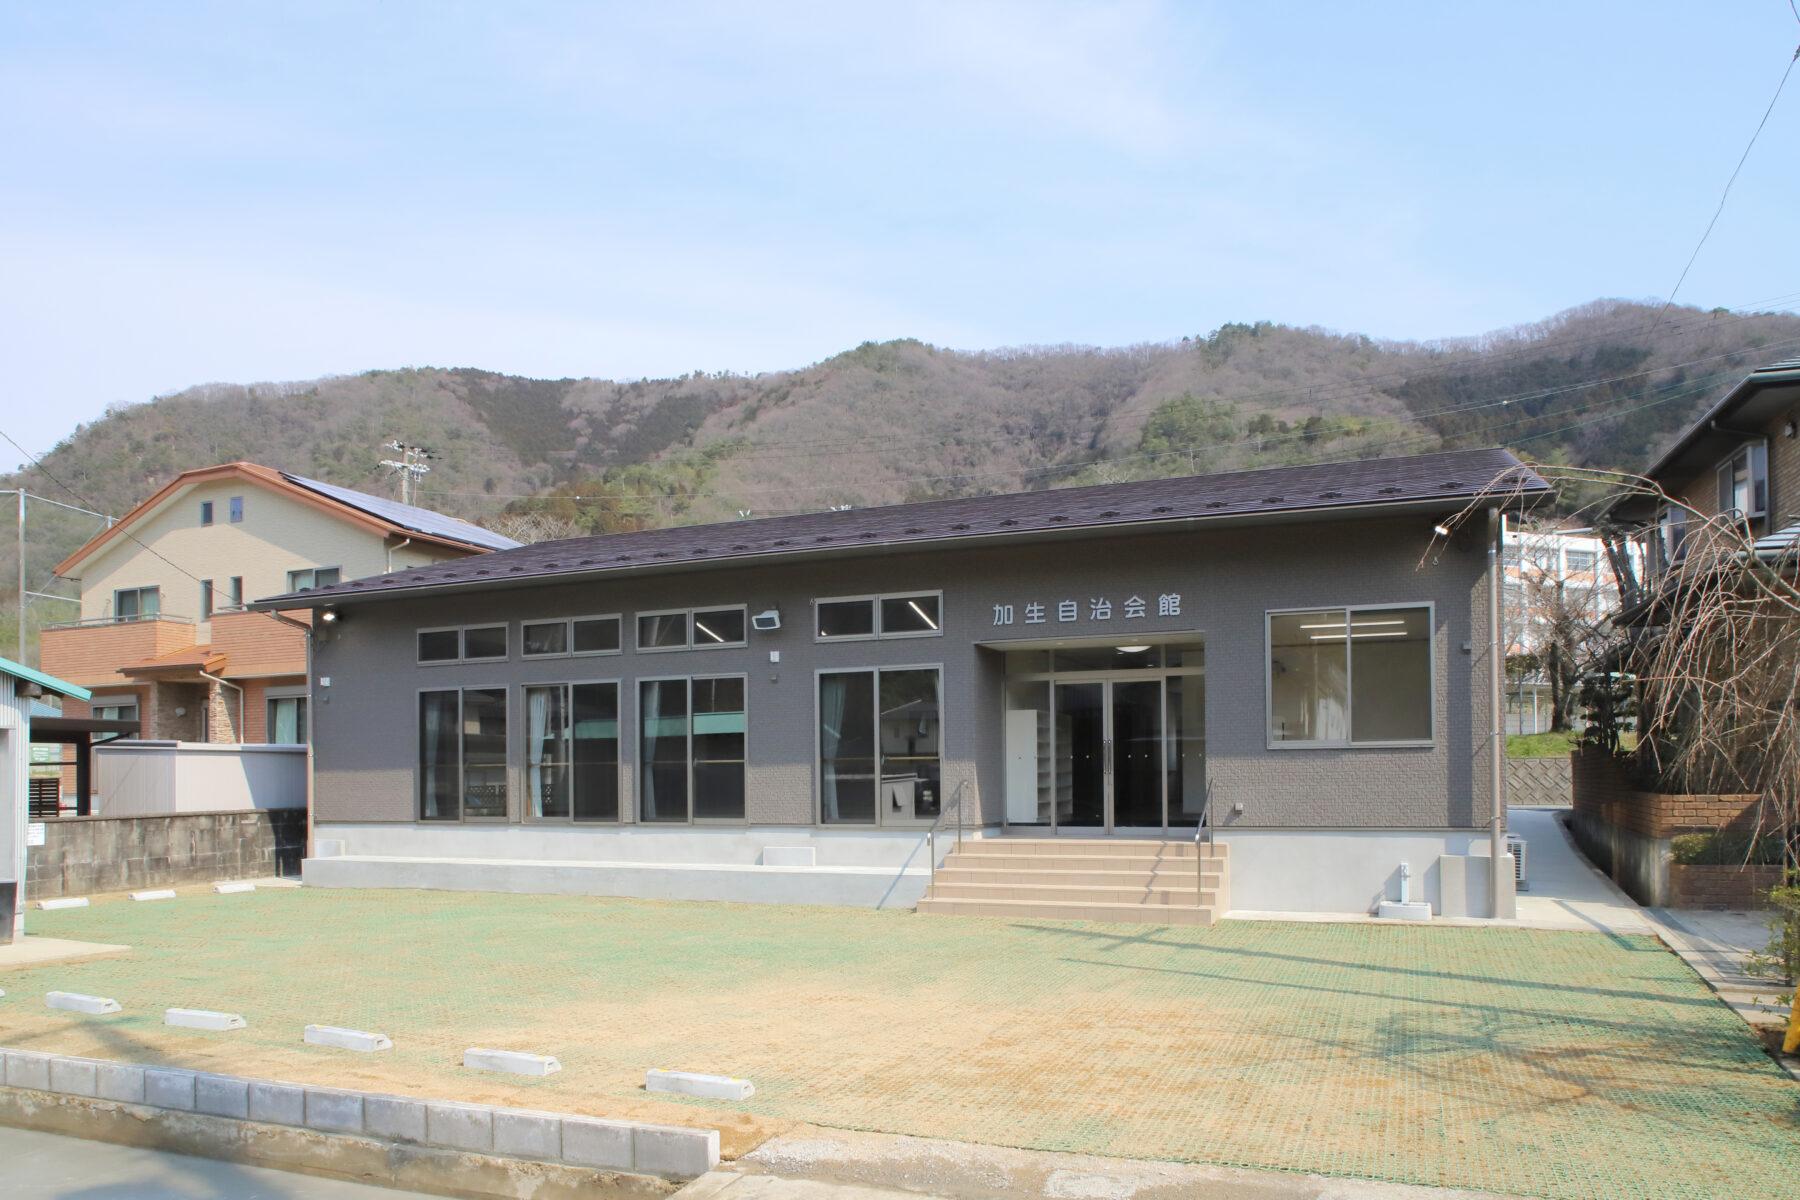 加生公民館 (宍粟市山崎町)